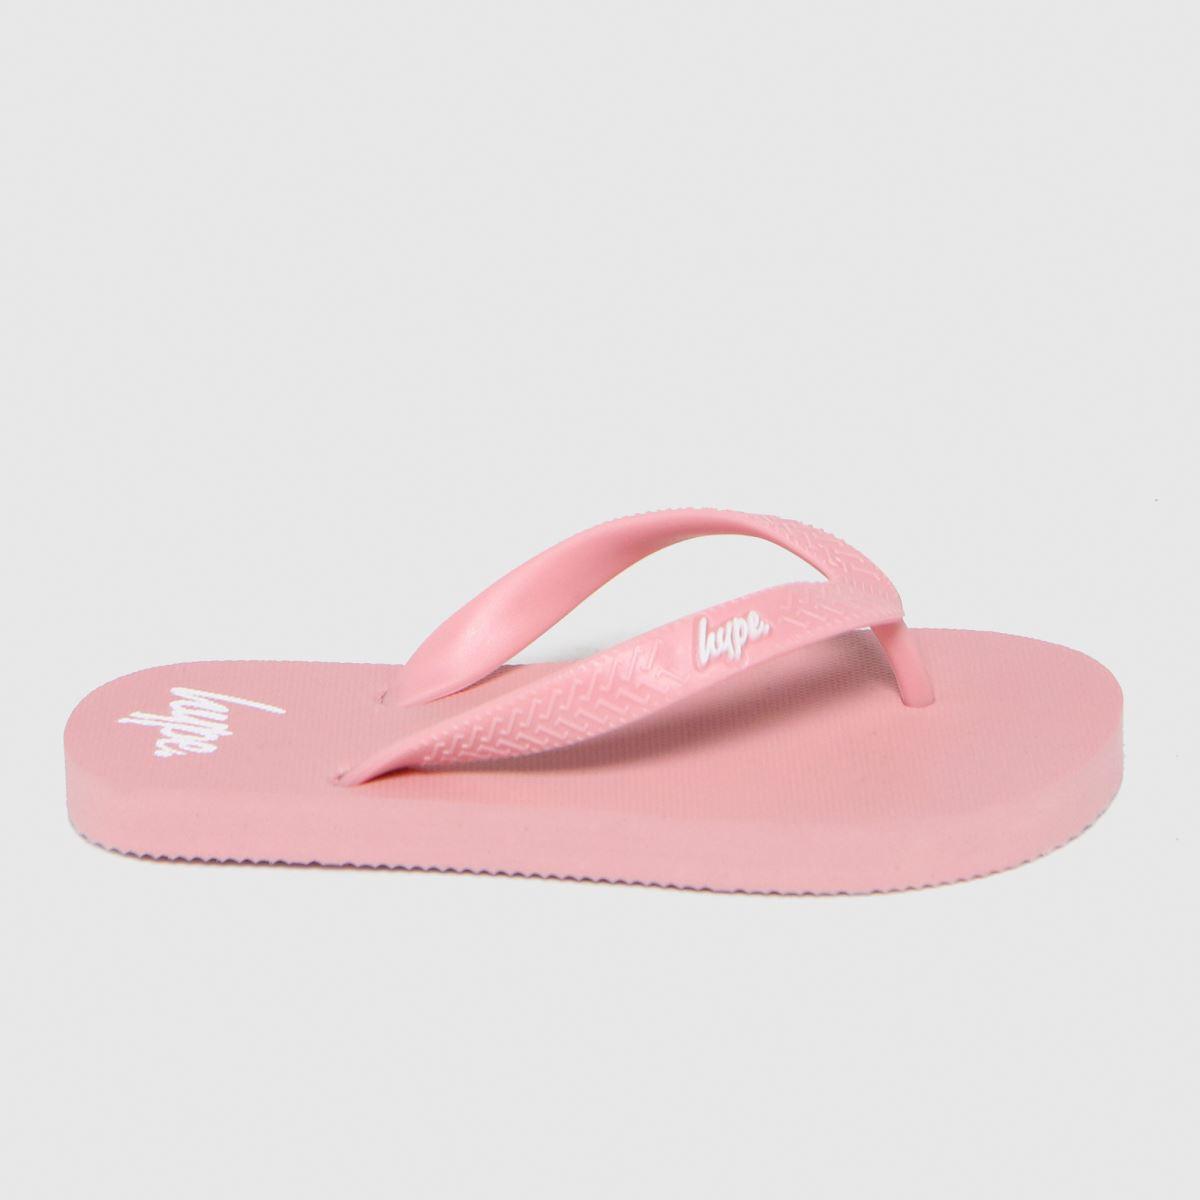 Hype Pale Pink Flip Flops Sliders Junior